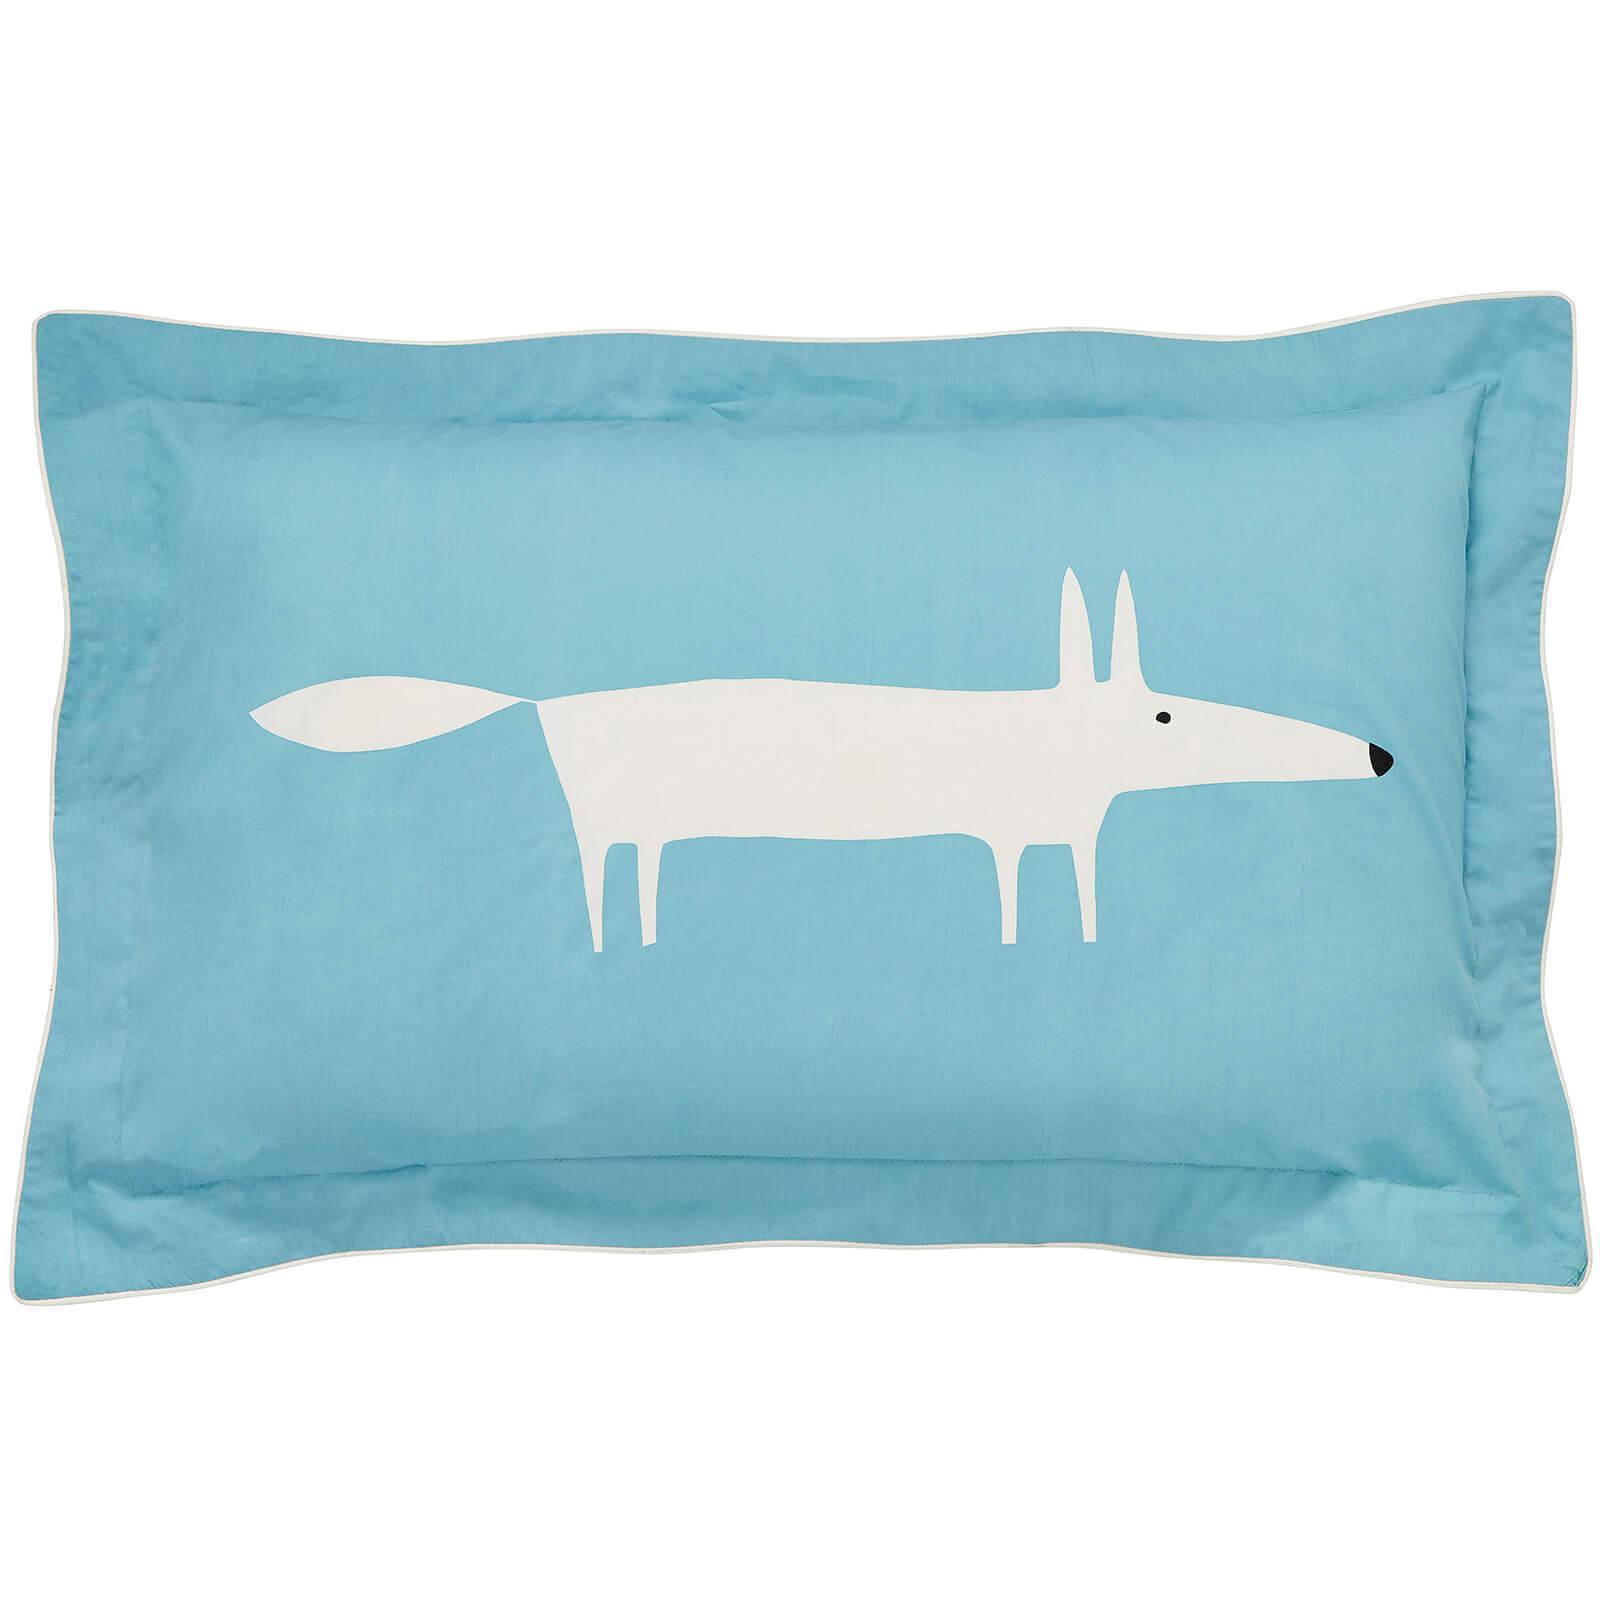 Scion Mr. Fox Cushion - Teal